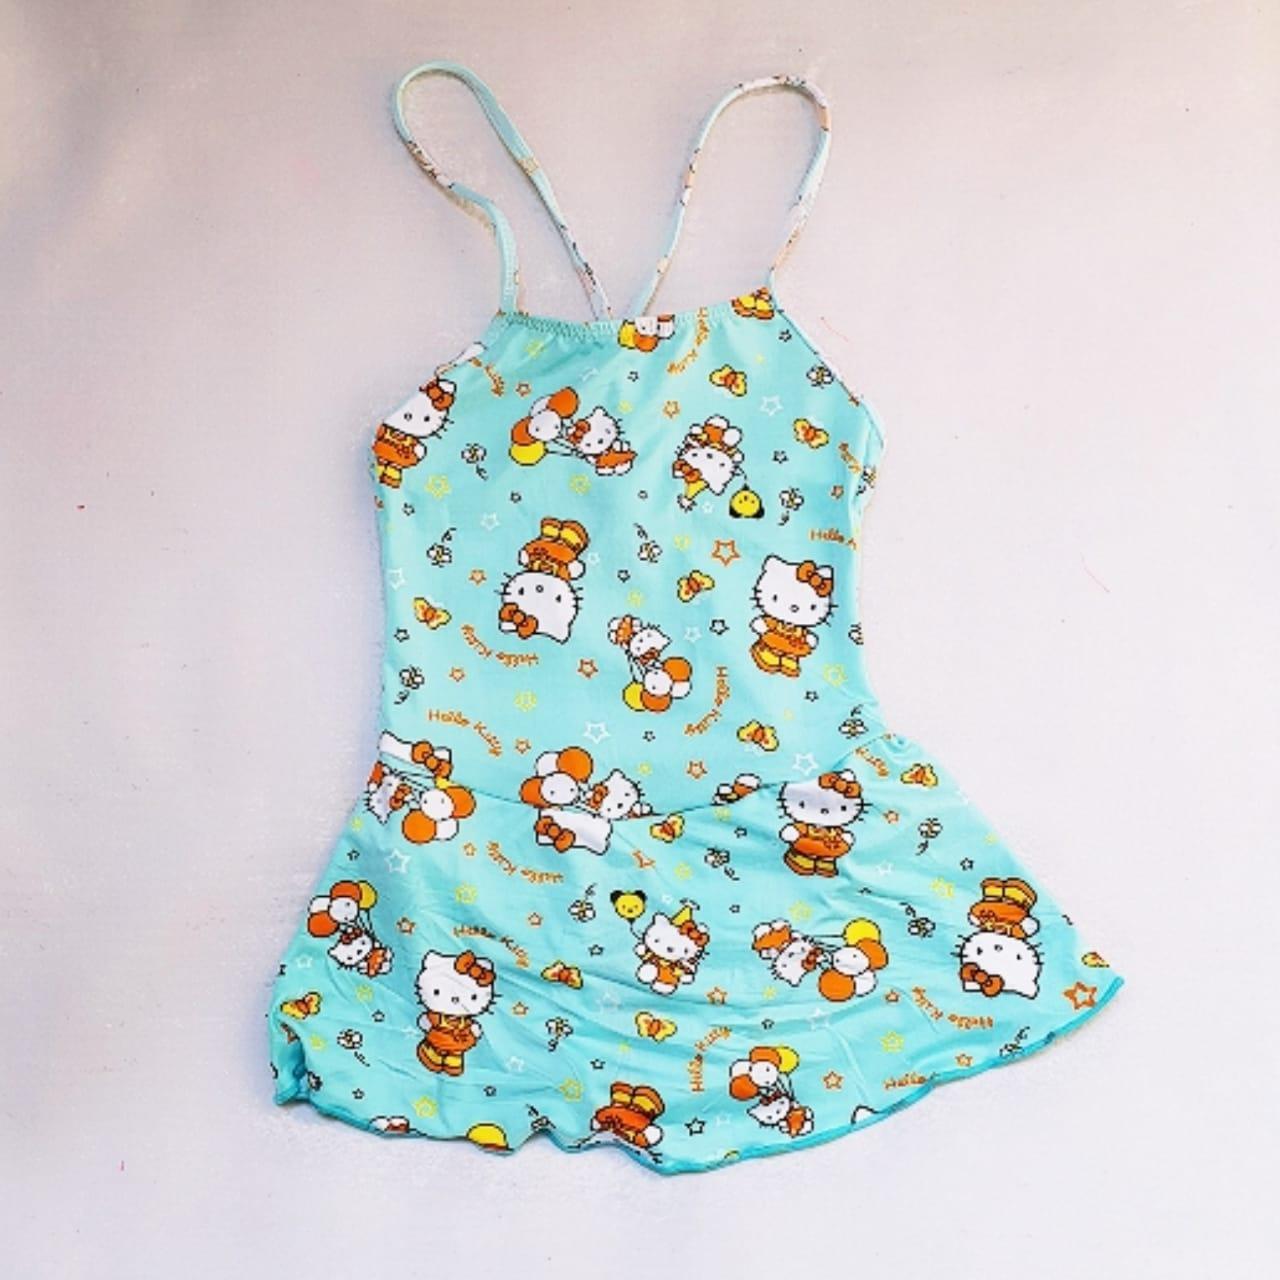 baju renang pantai bayi dan anak pantai 0-6 bulan